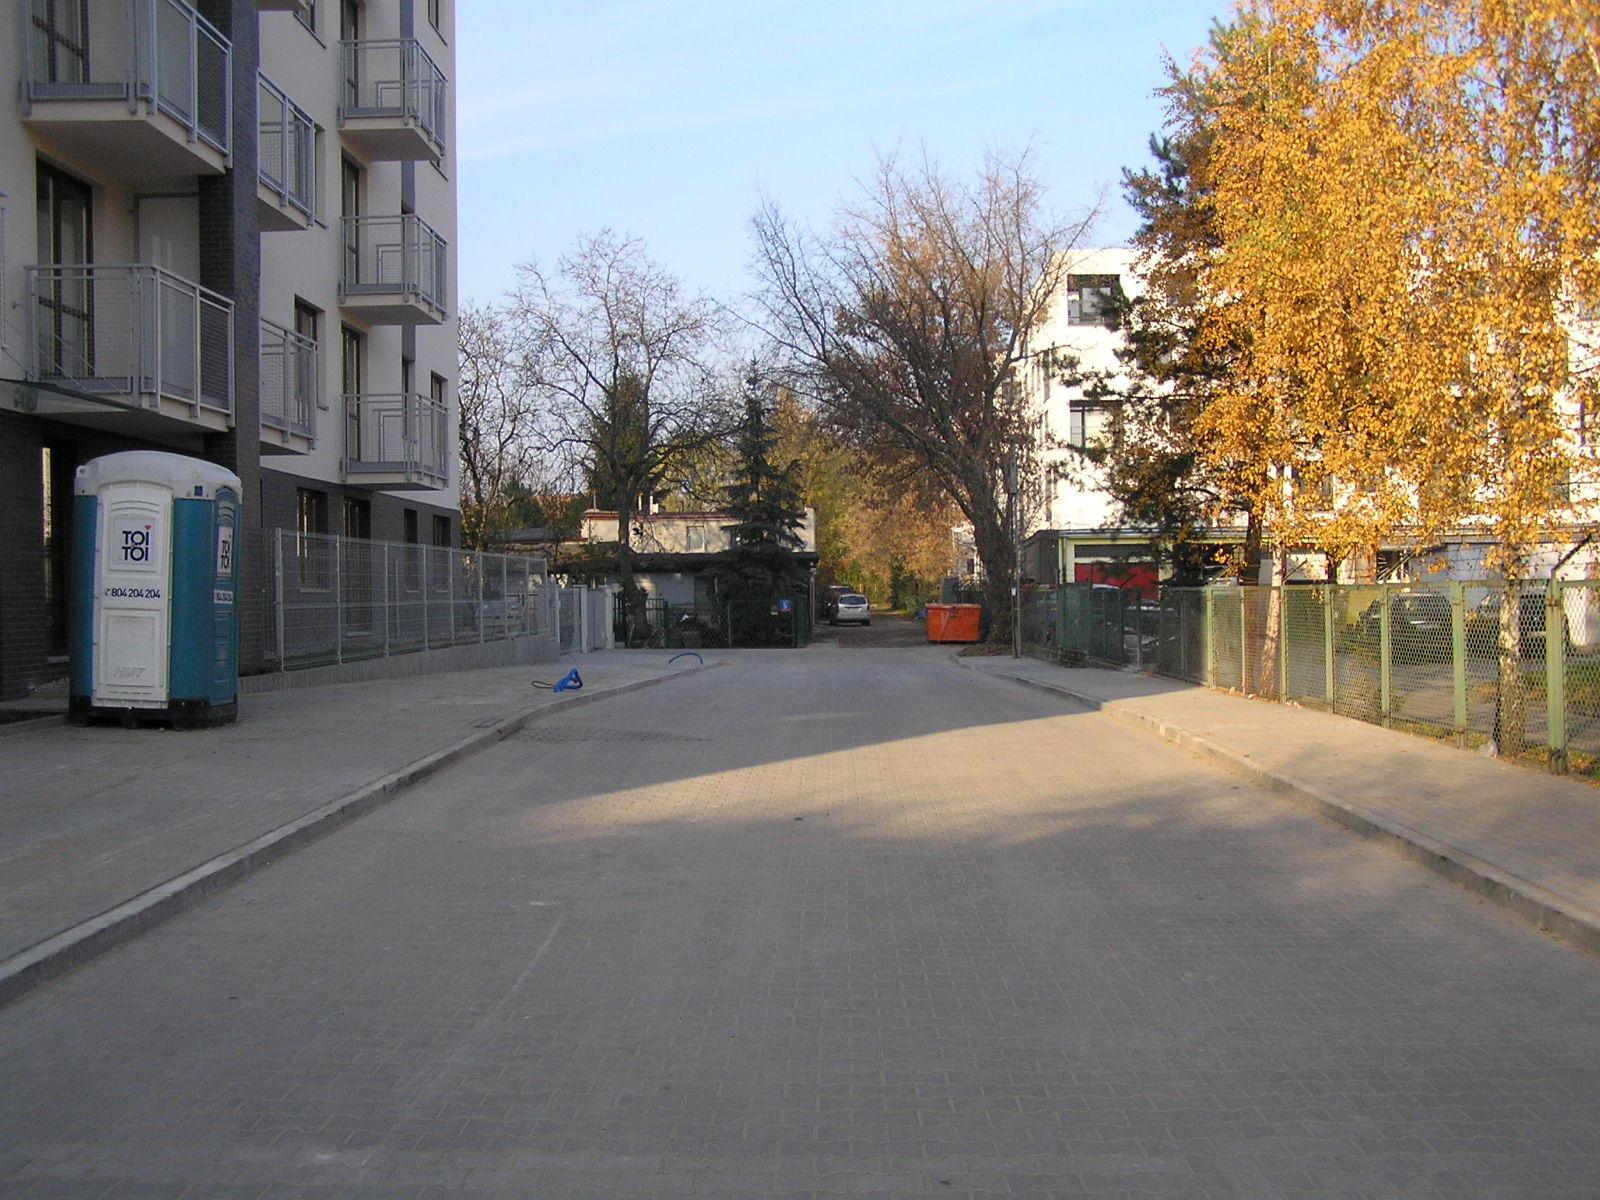 Ulica Podhajecka